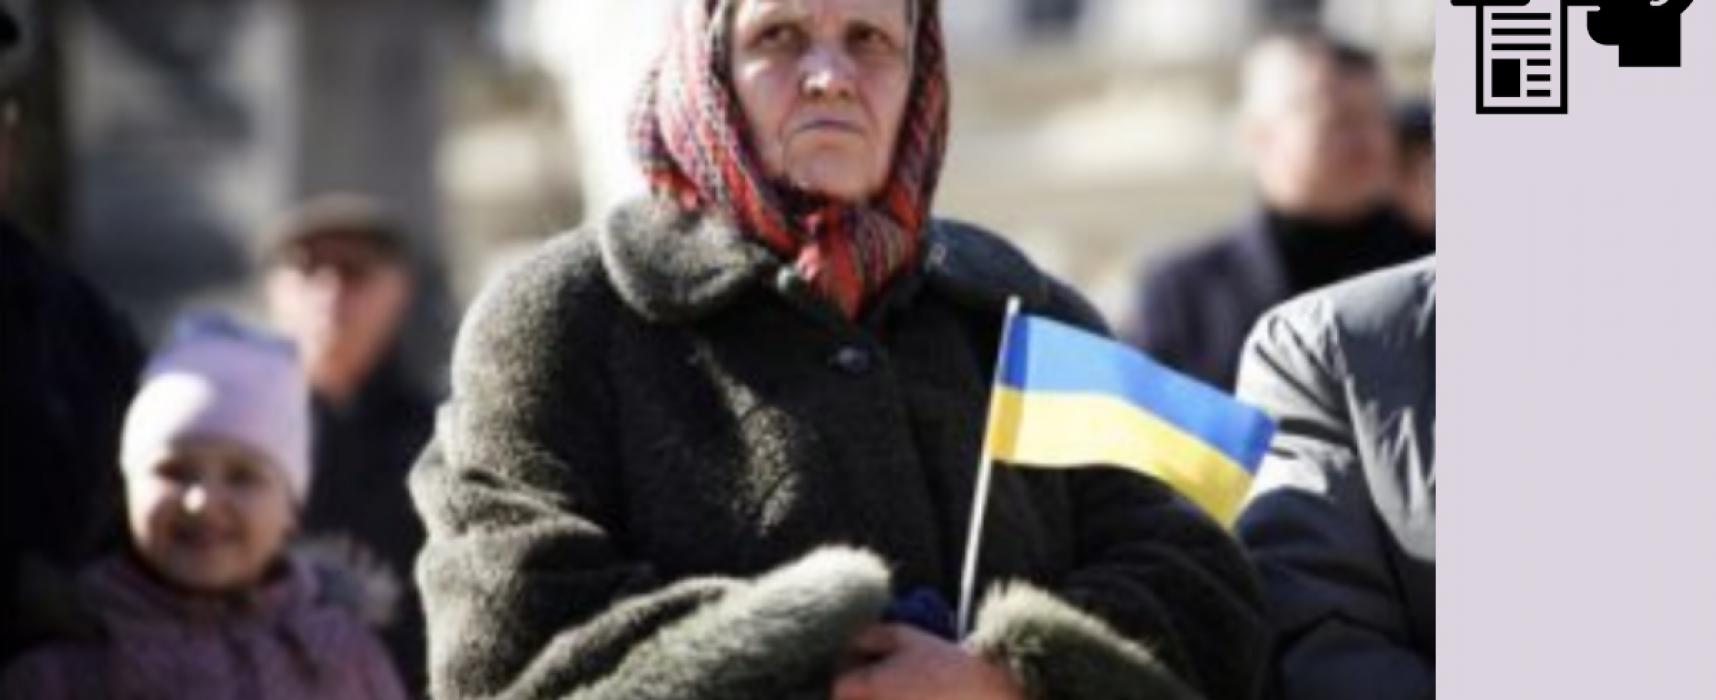 Фейк: 10 миллионов украинцев не допущены до голосования на президентских выборах в Украине